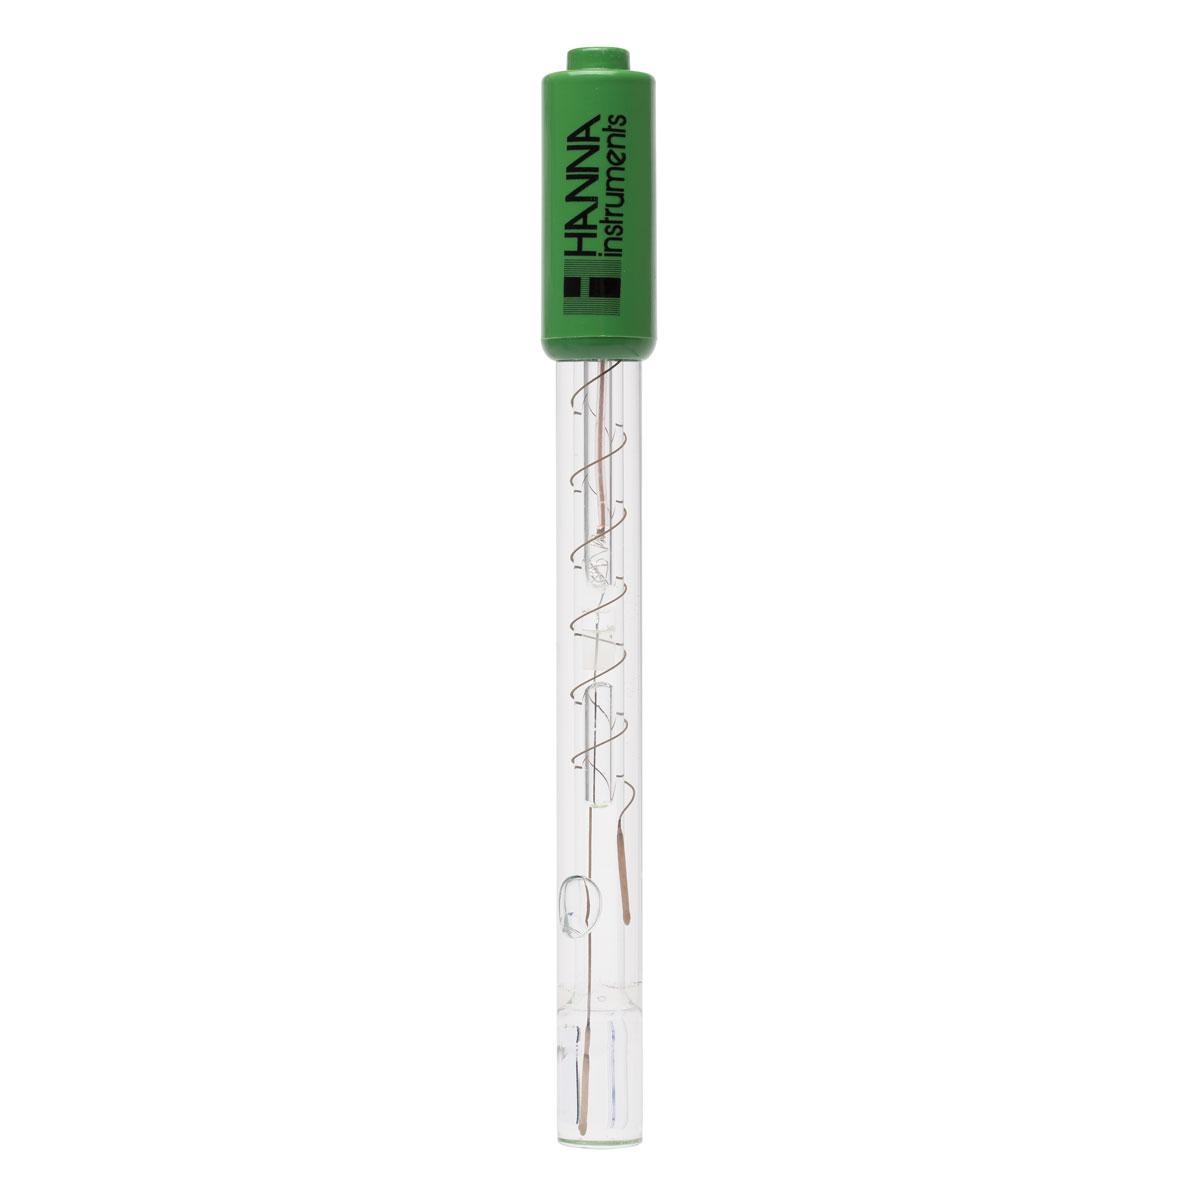 Electrodo de pH con Punta Plana para Piel y Diversas Superficies, con Conector BNC- HI1413B